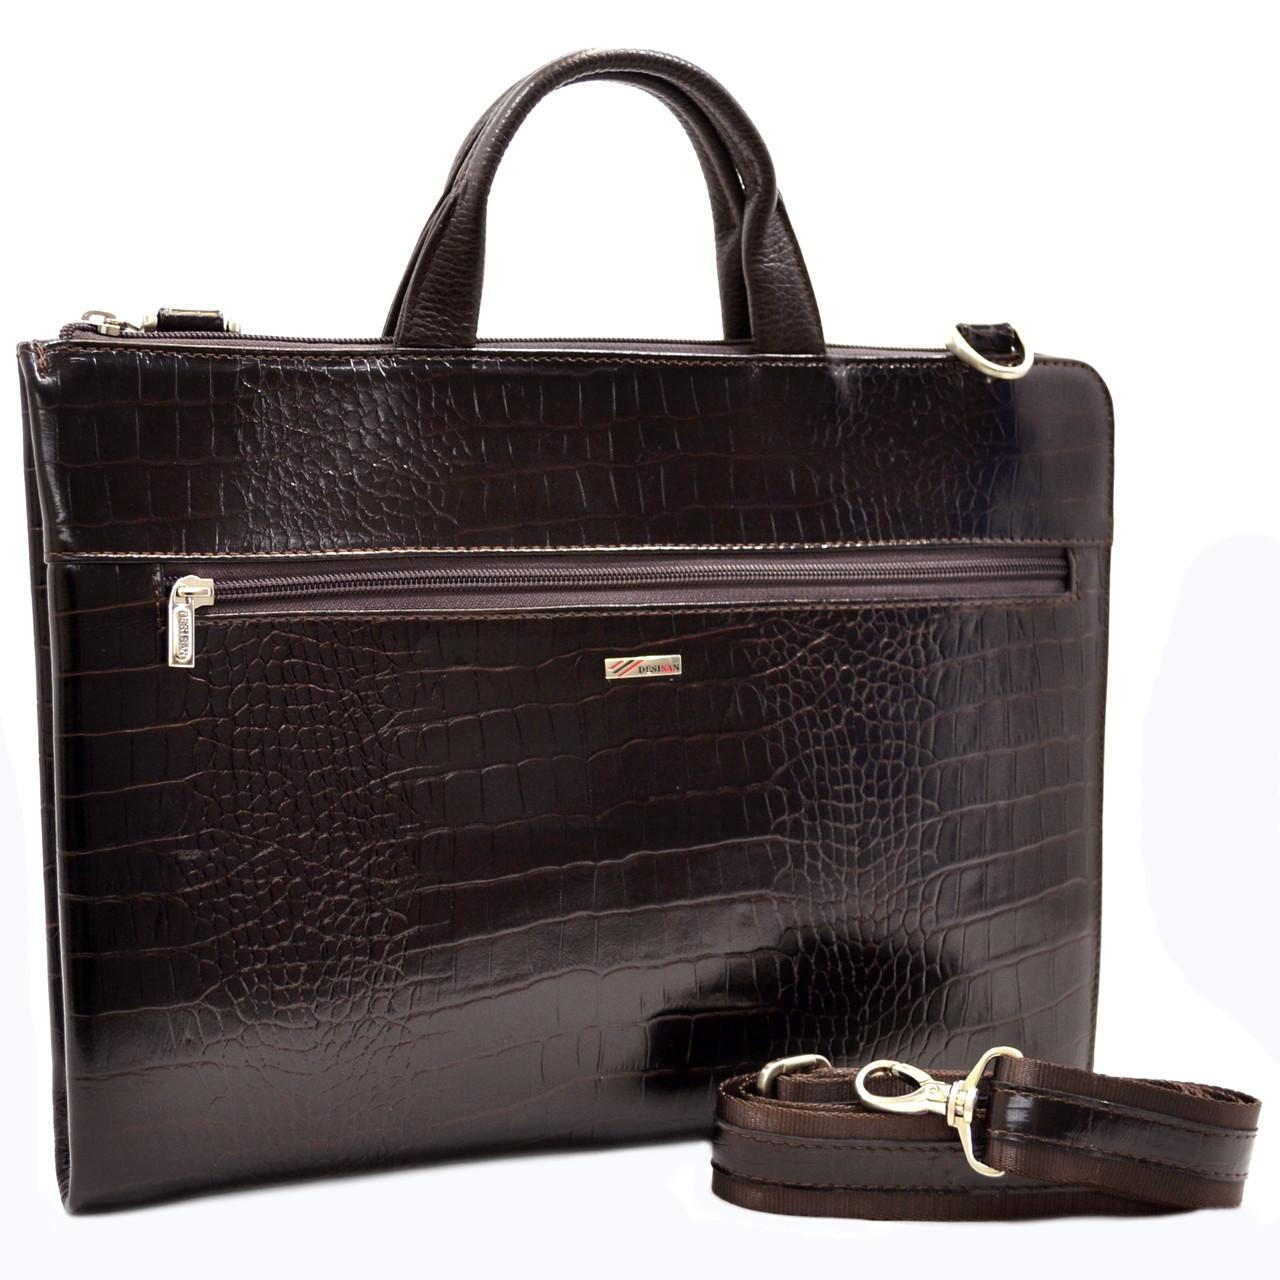 5c5ce5687465 Кожаная мужская деловая сумка Desisan - Интернет-магазин